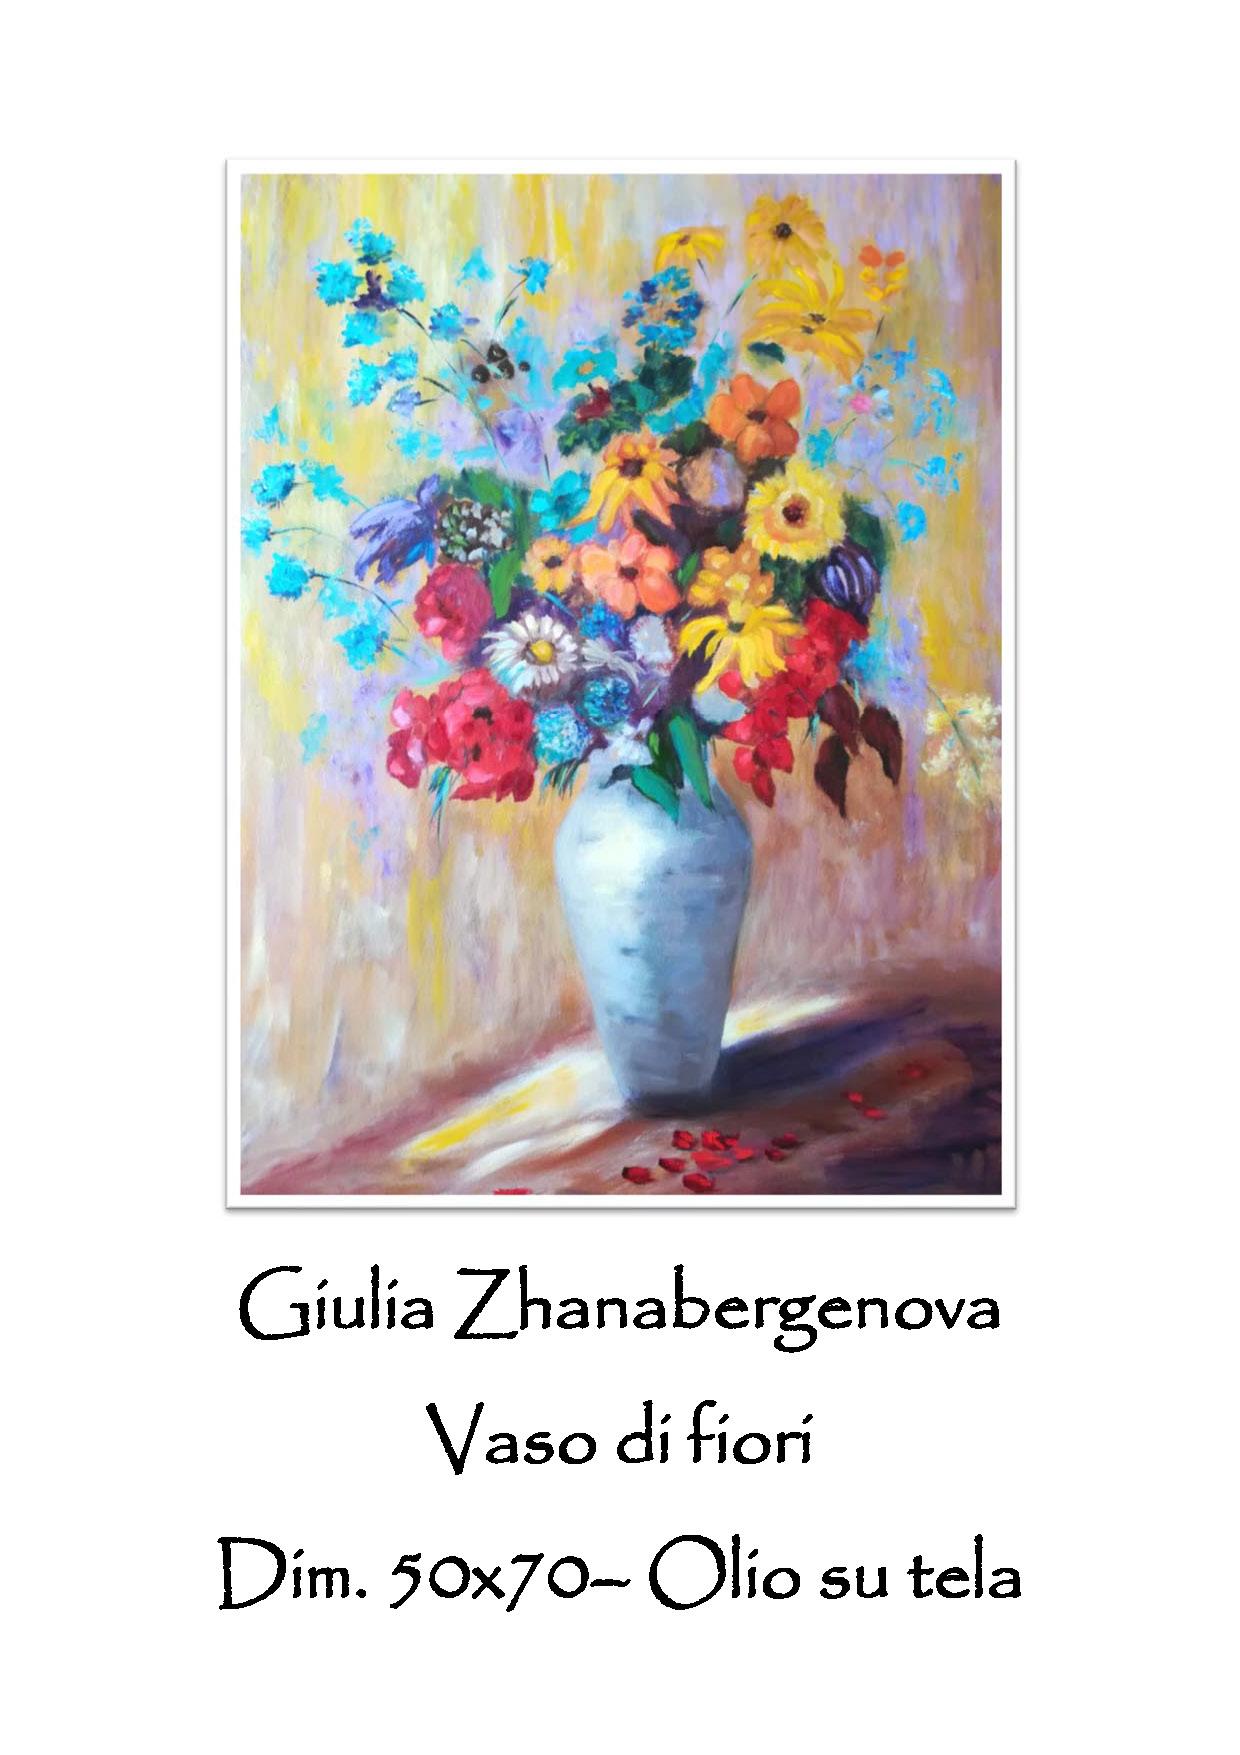 http://www.proartpiagge.it/wp-content/uploads/2020/04/Giulia-2.jpg